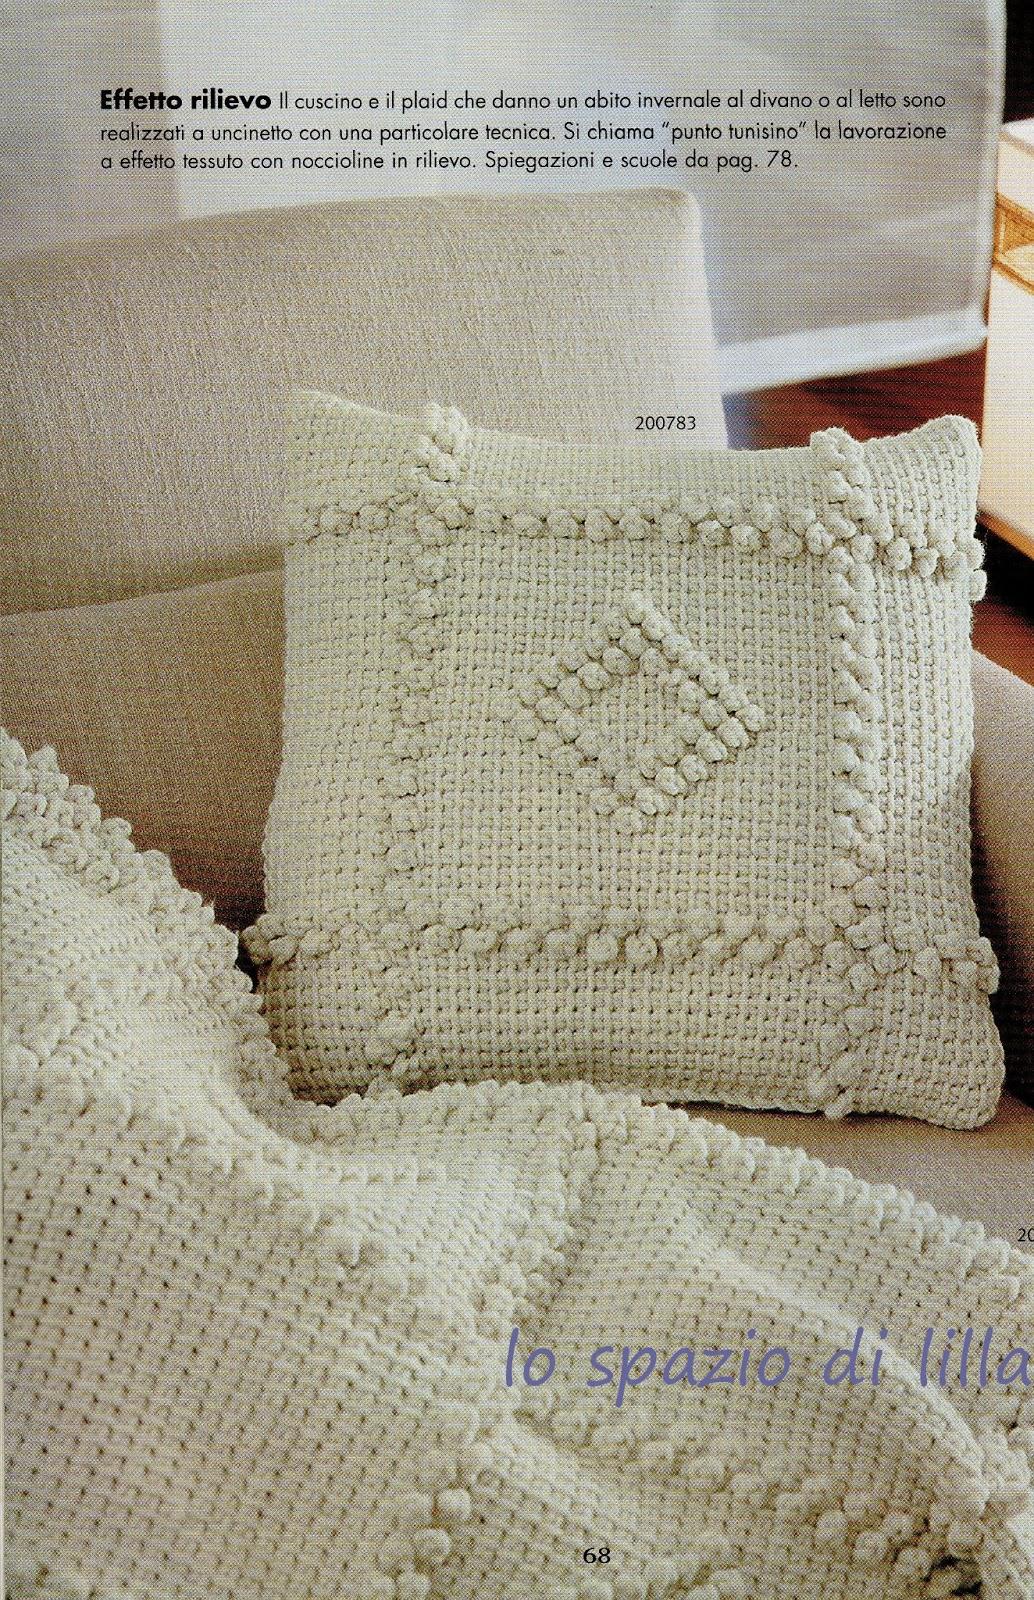 Cuscini Per Divani Ai Ferri lo spazio di lilla: uncinetto tunisino: il cuscino ed il